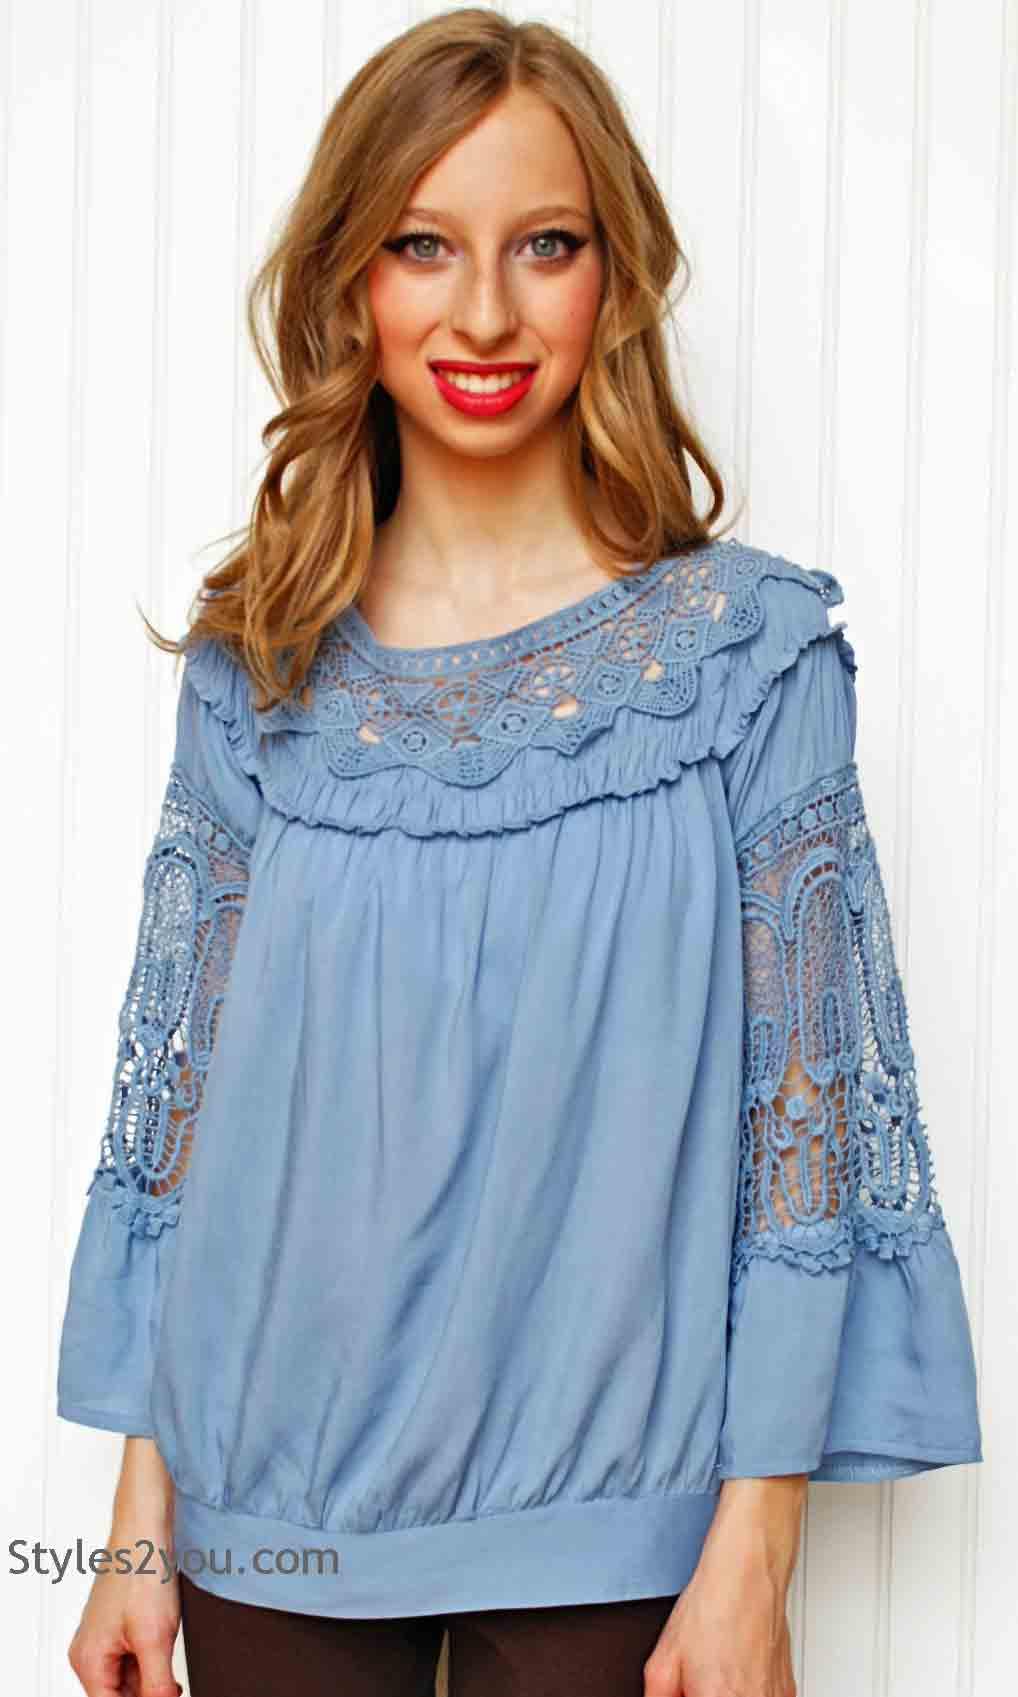 9070fef5304 Crochet Blouse Plus Size